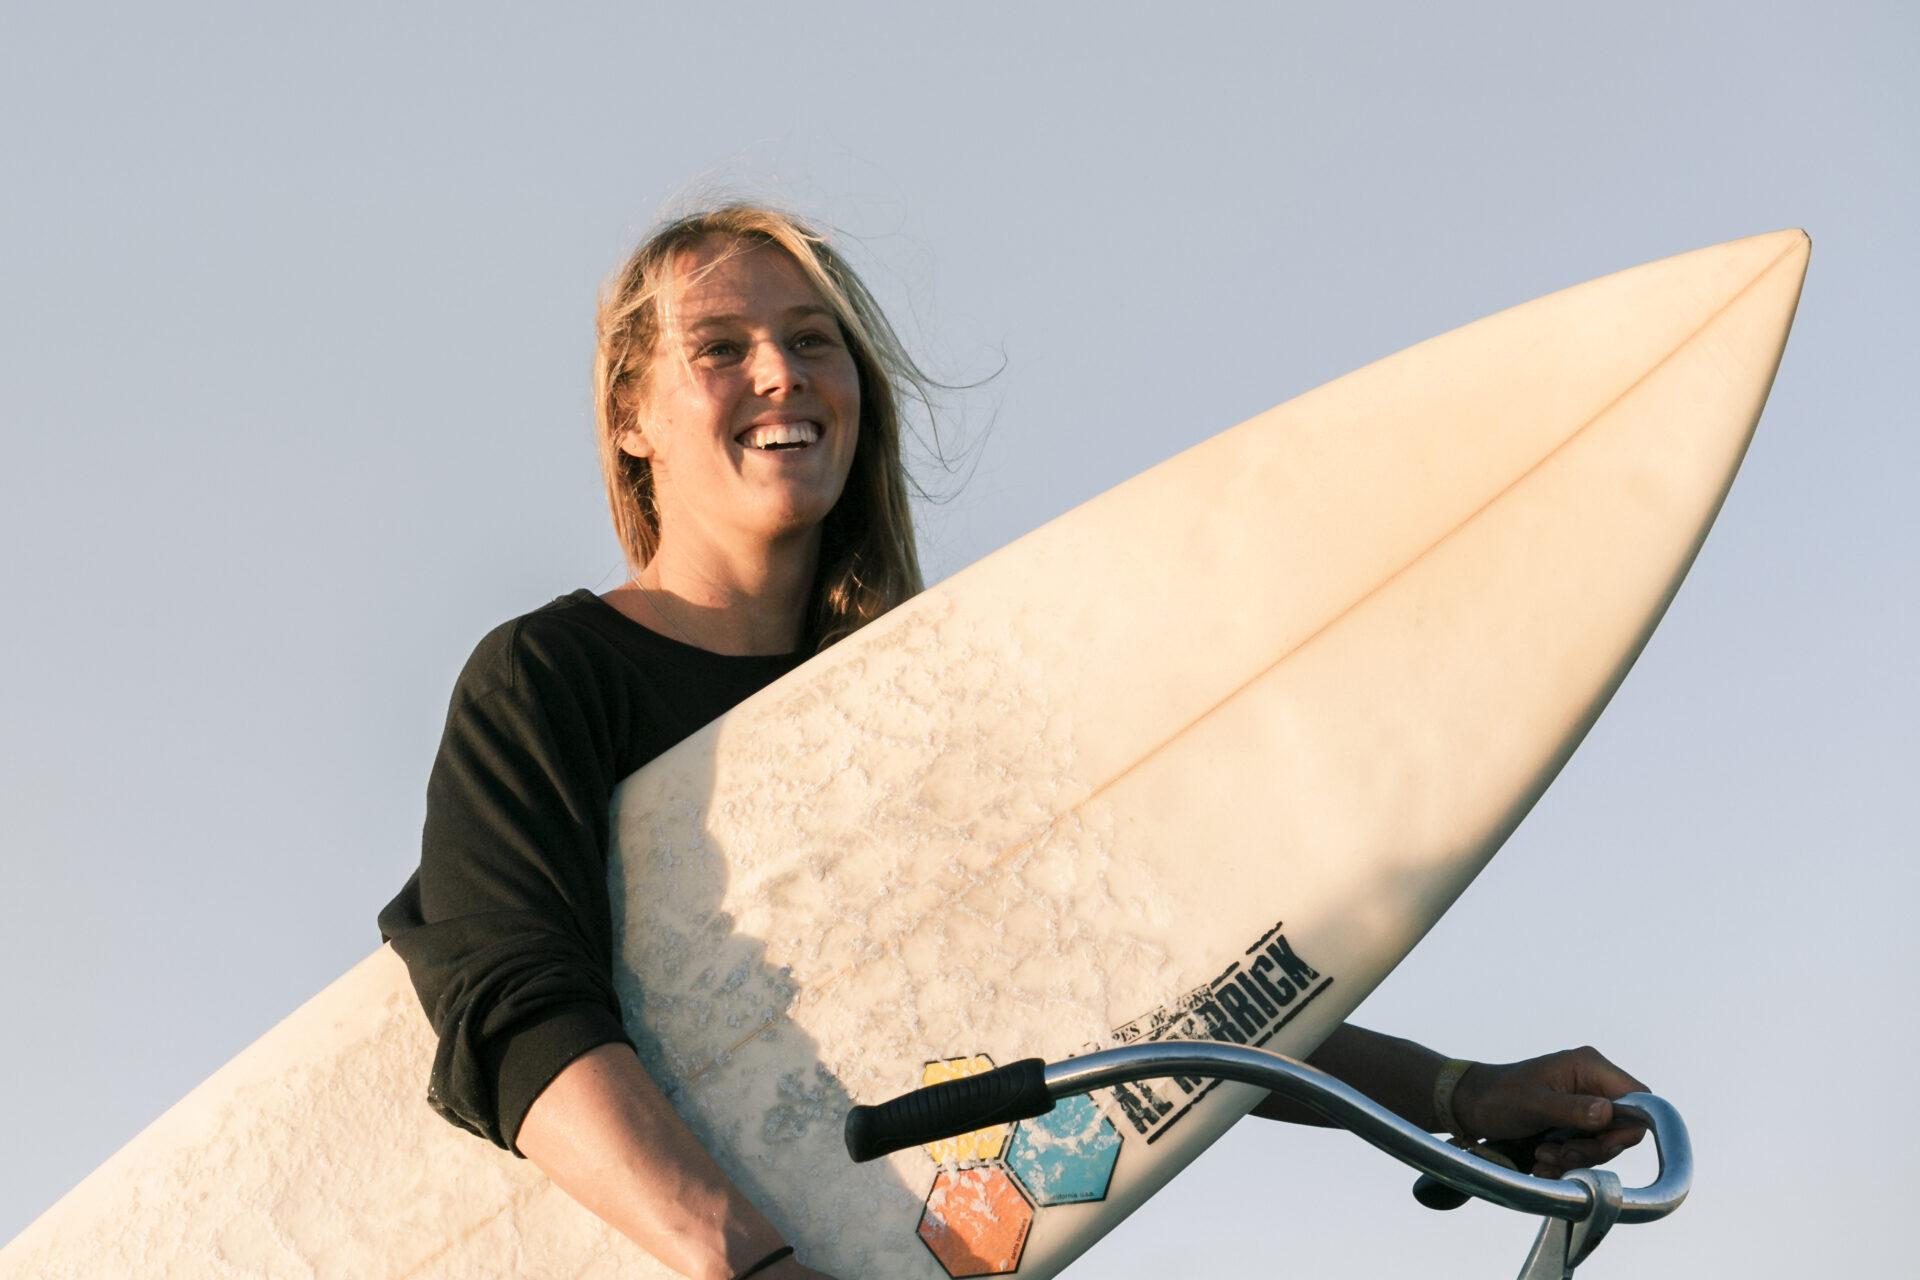 Duurzaamheid: surf wax